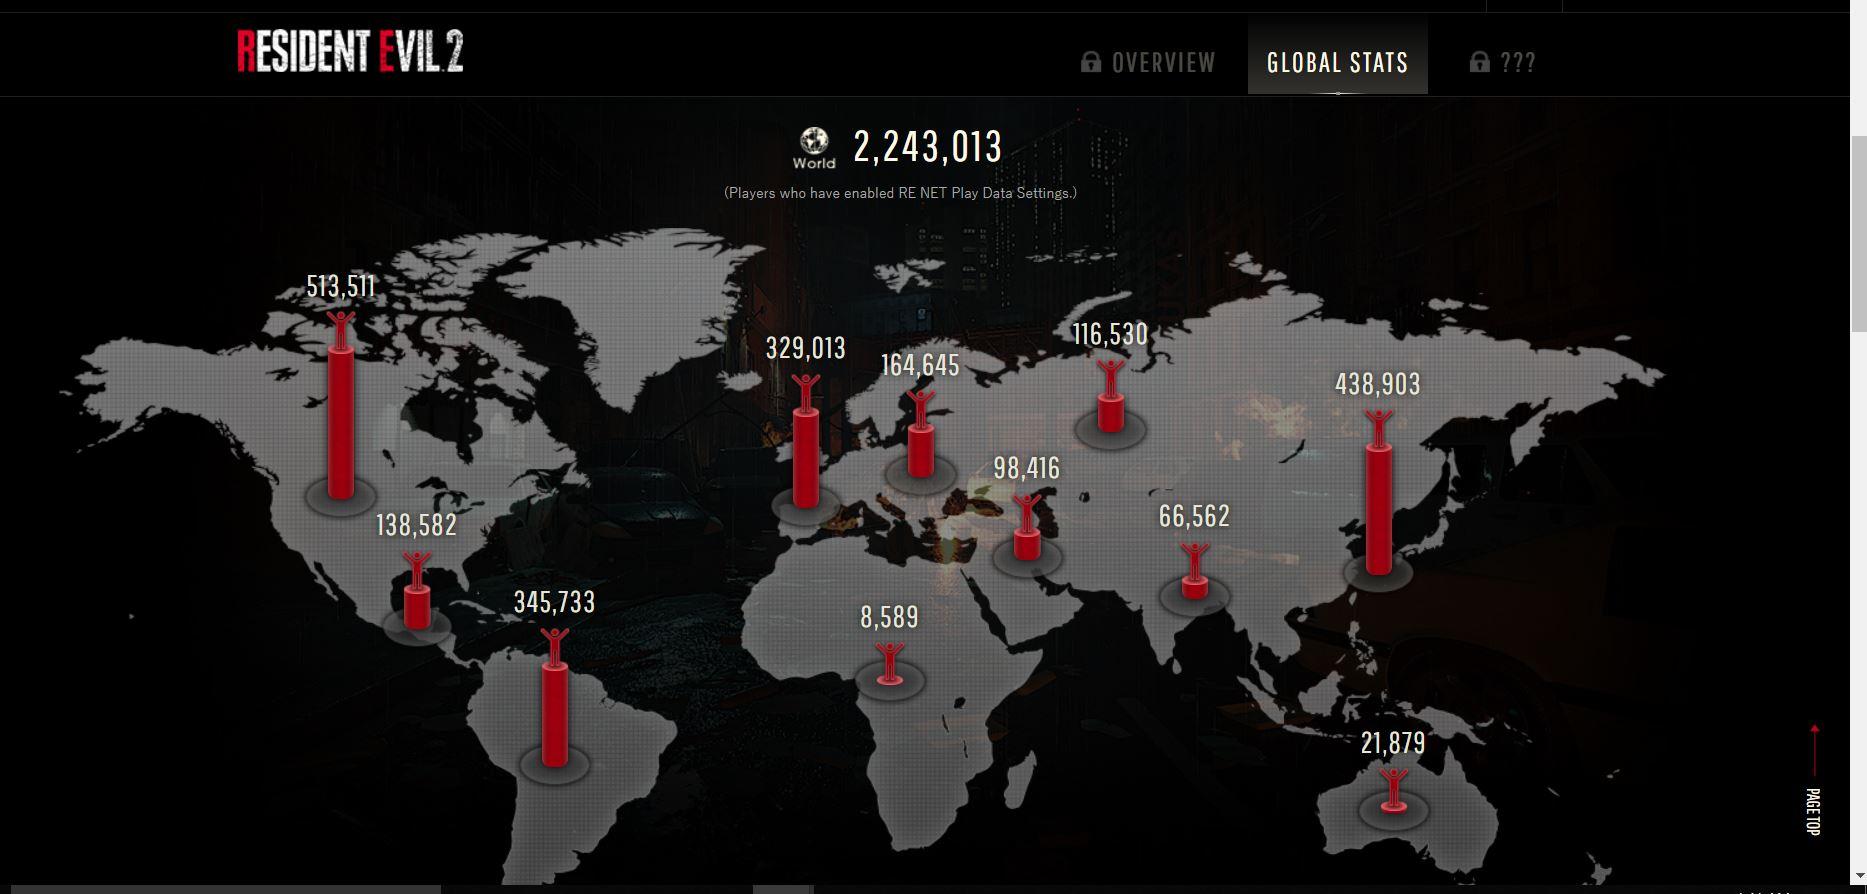 La demo de Resident Evil 2 supera las 2 millones de descargas